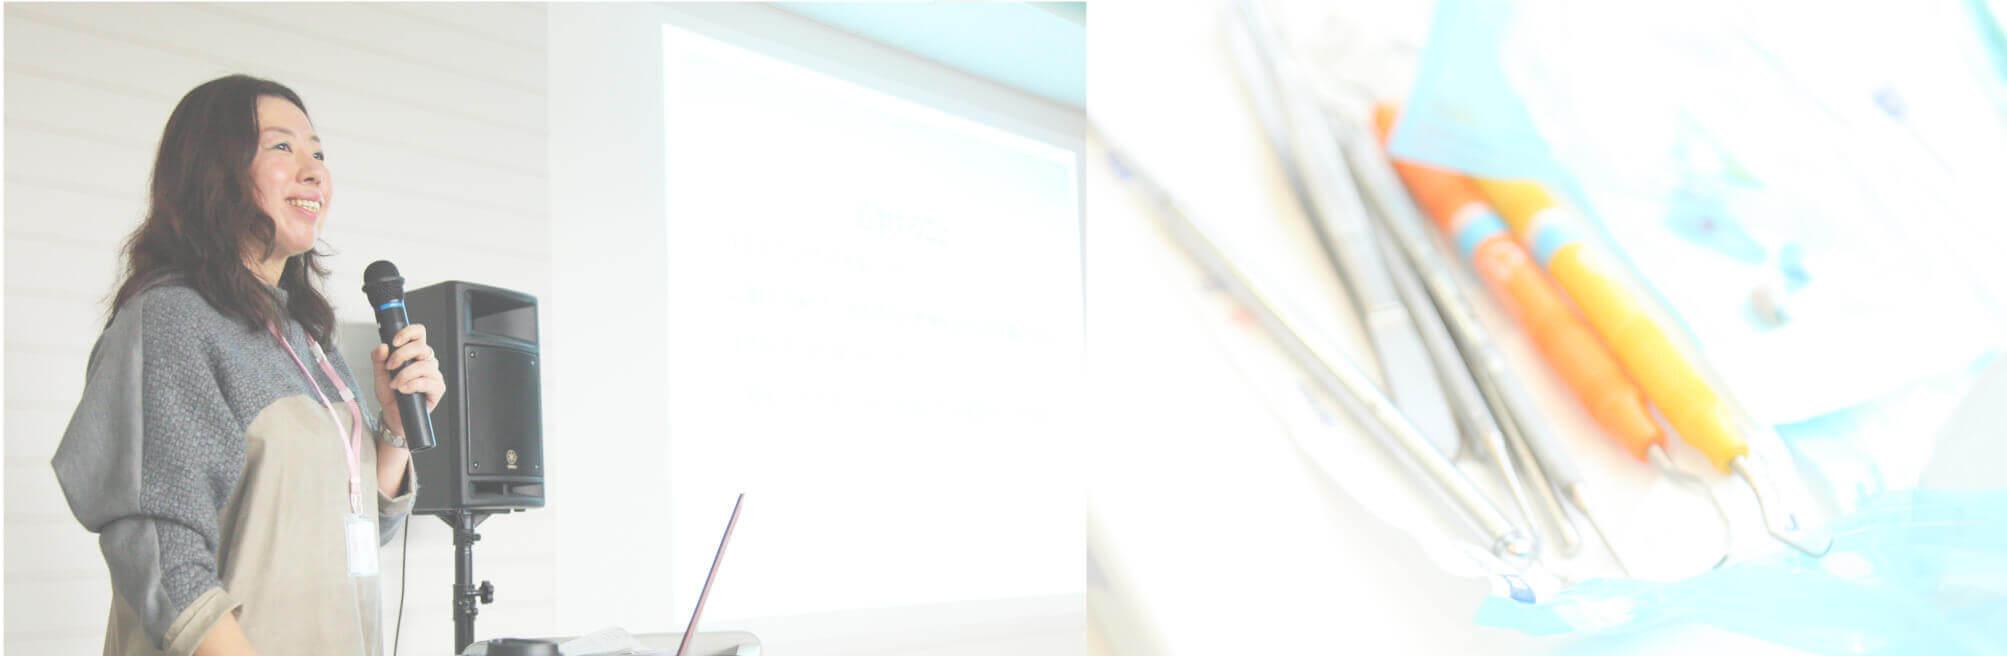 デンタルピュアワーキング | 福岡市博多の歯科衛生士をサポートする会社